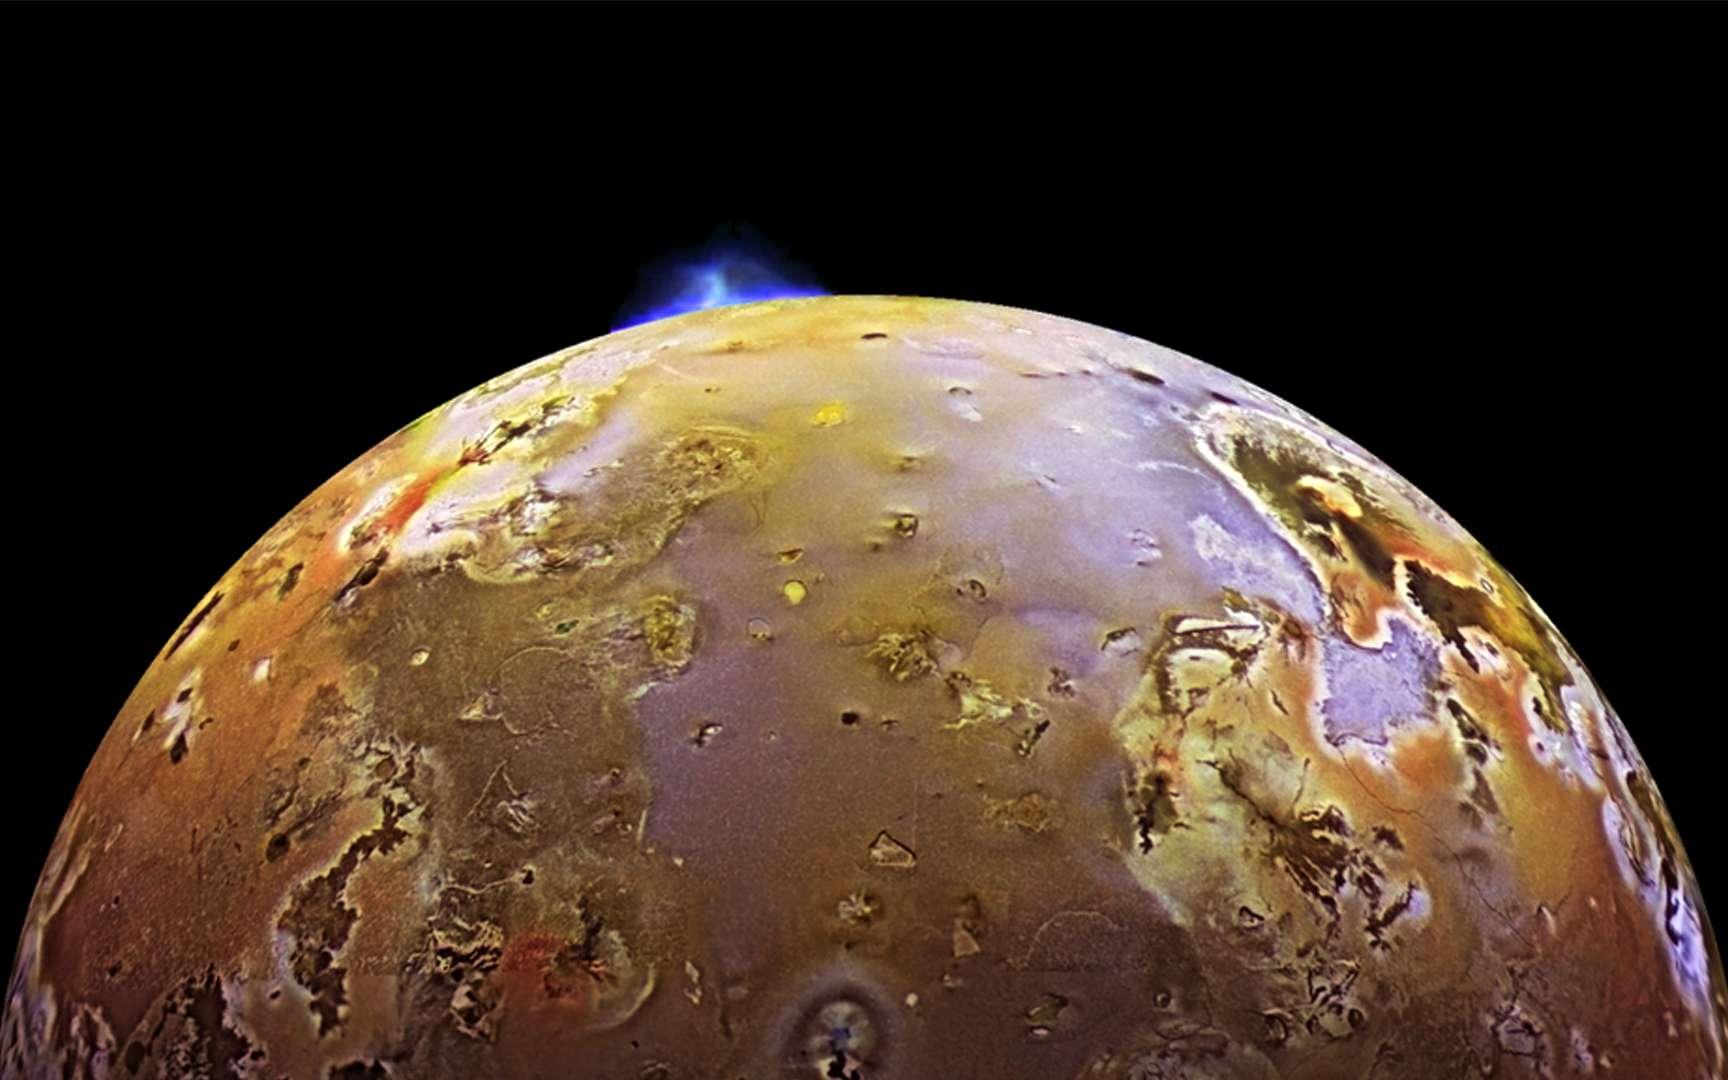 Cette photographie de Io prise par la sonde Galileo montre une éruption à Pillan Patera. C'est une caldeira volcanique d'environ 73 km de diamètre nommée d'après le dieu du tonnerre, du feu et des volcans des Indiens mapuches, dans les Andes. Au cours de l'été 1997, cette éruption a été accompagnée de laves à des températures supérieures à 1.600 °C, avec un panache de 140 km de haut. C'est la plus importante éruption effusive dont l'Homme ait jamais été témoin avec au moins 31 km3 de laves émises sur une période de 100 jours. © Nasa, JPL, University of Arizona